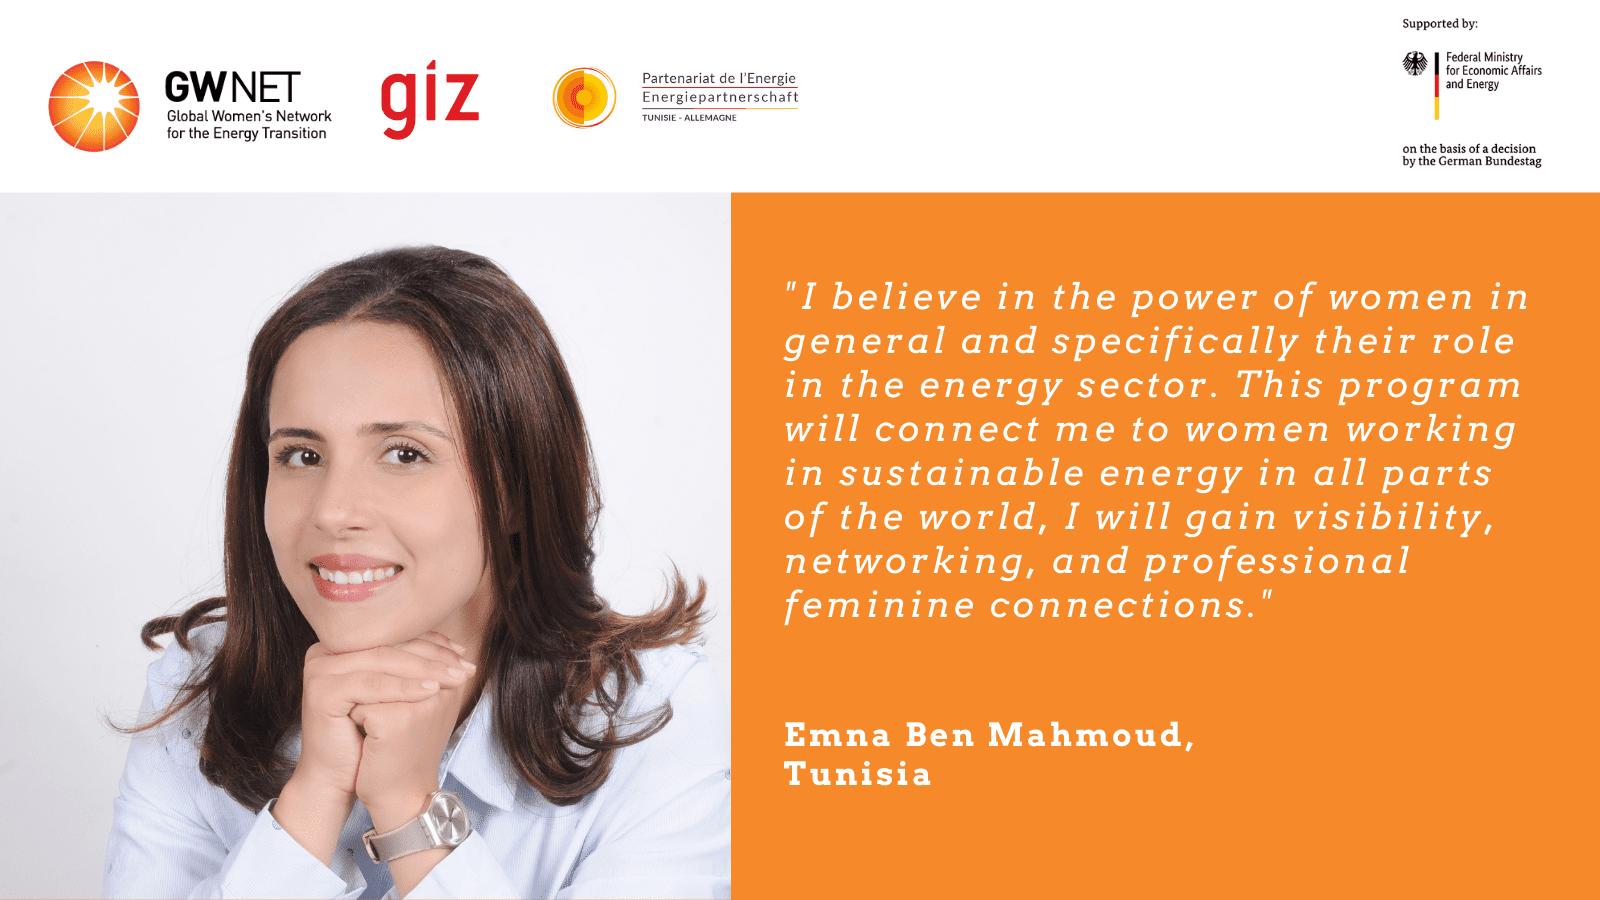 Emna Ben Mahmoud quote